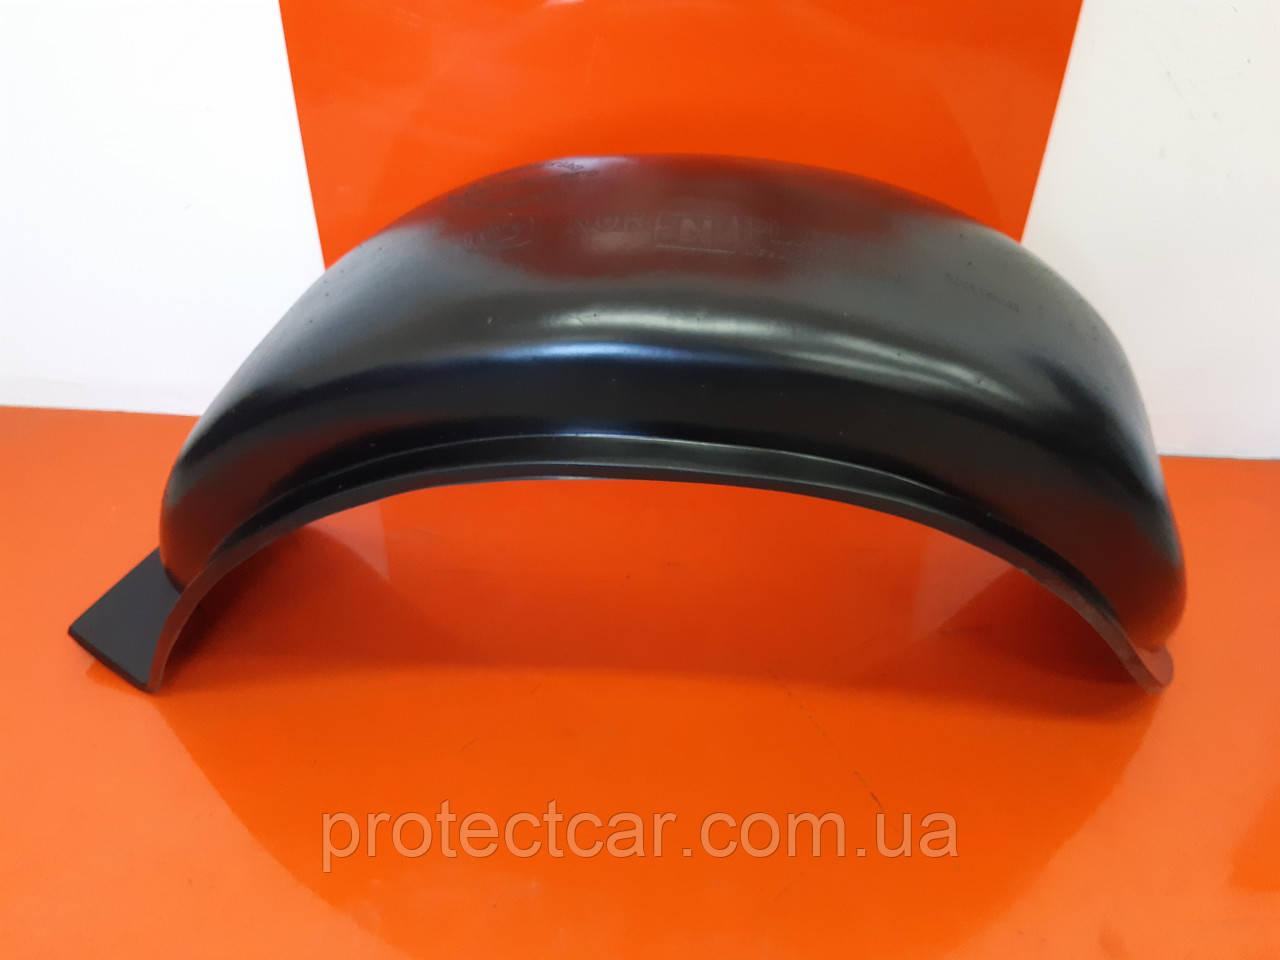 Подкрылки задние ВАЗ 2121 Нива задние, защита арок